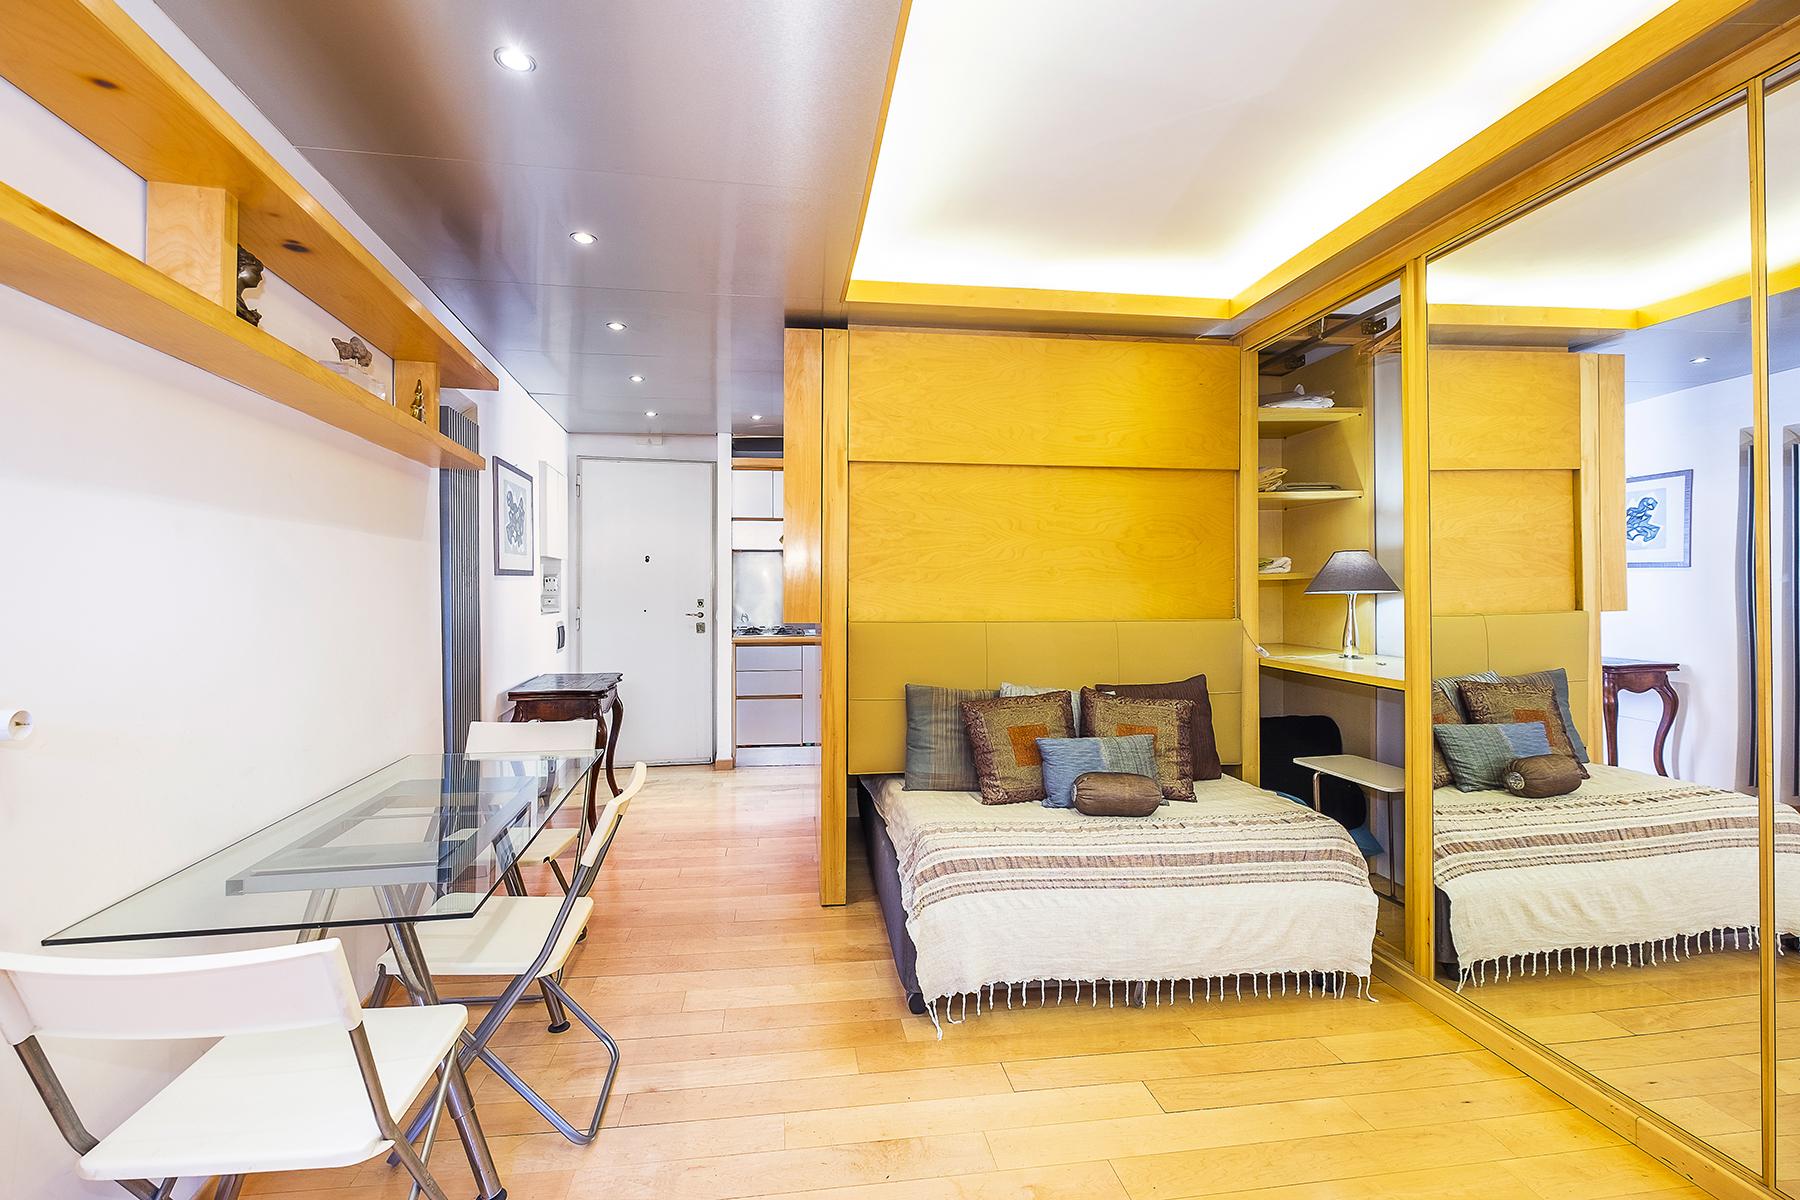 Appartamento in Vendita a Roma 28 Trastevere / Testaccio: 1 locali, 37 mq